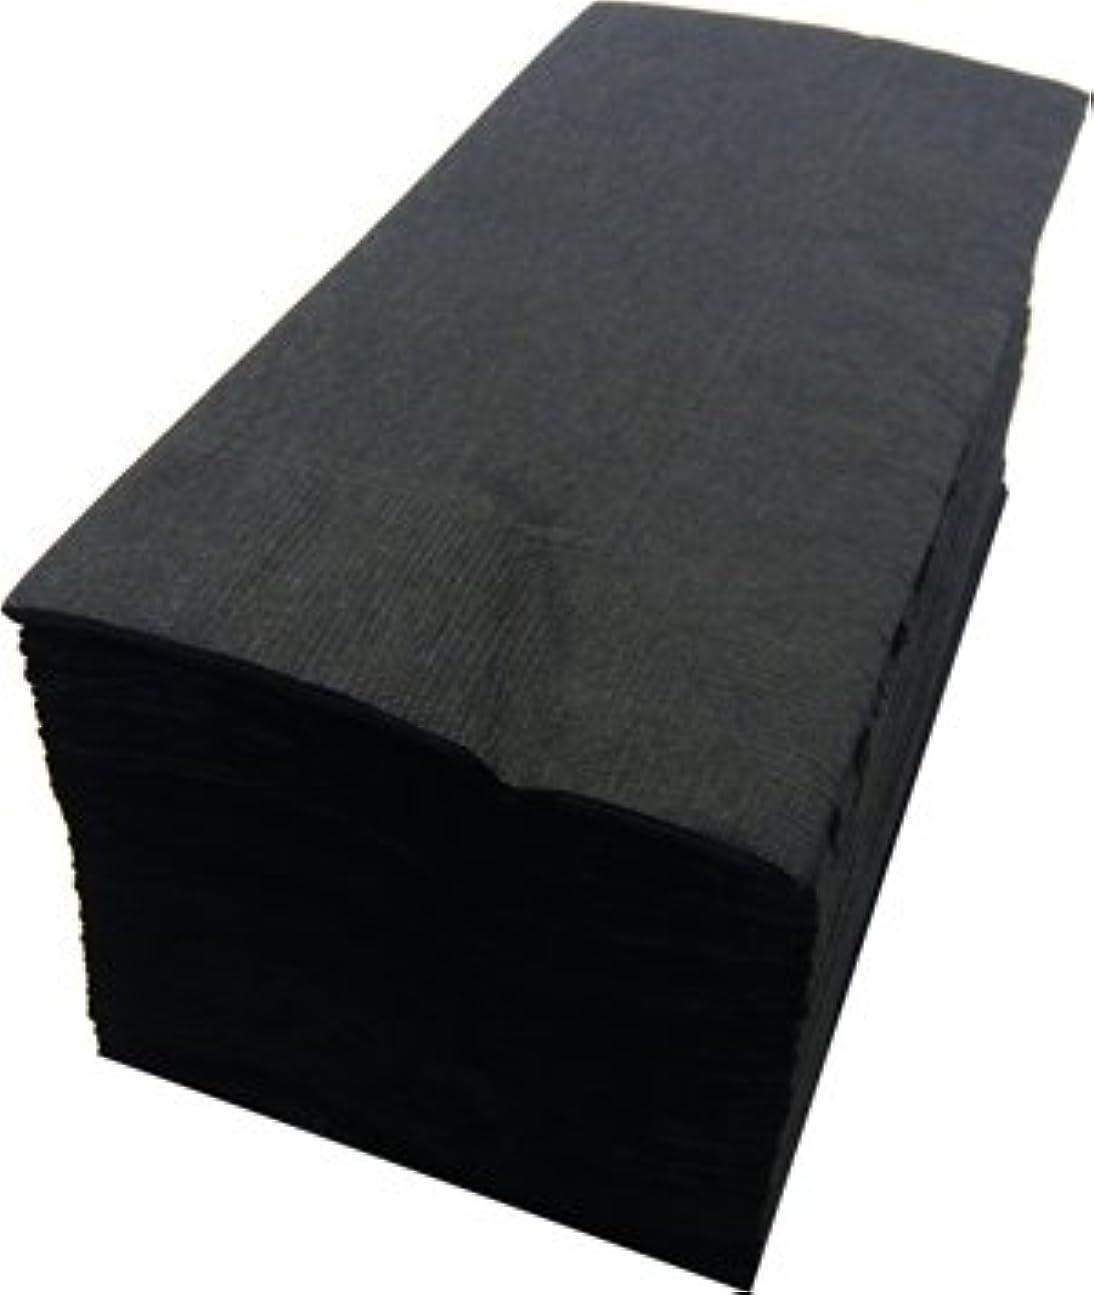 気晴らし揮発性デッドカラー8折2プライペーパーナプキン「ブラック」(2000枚)